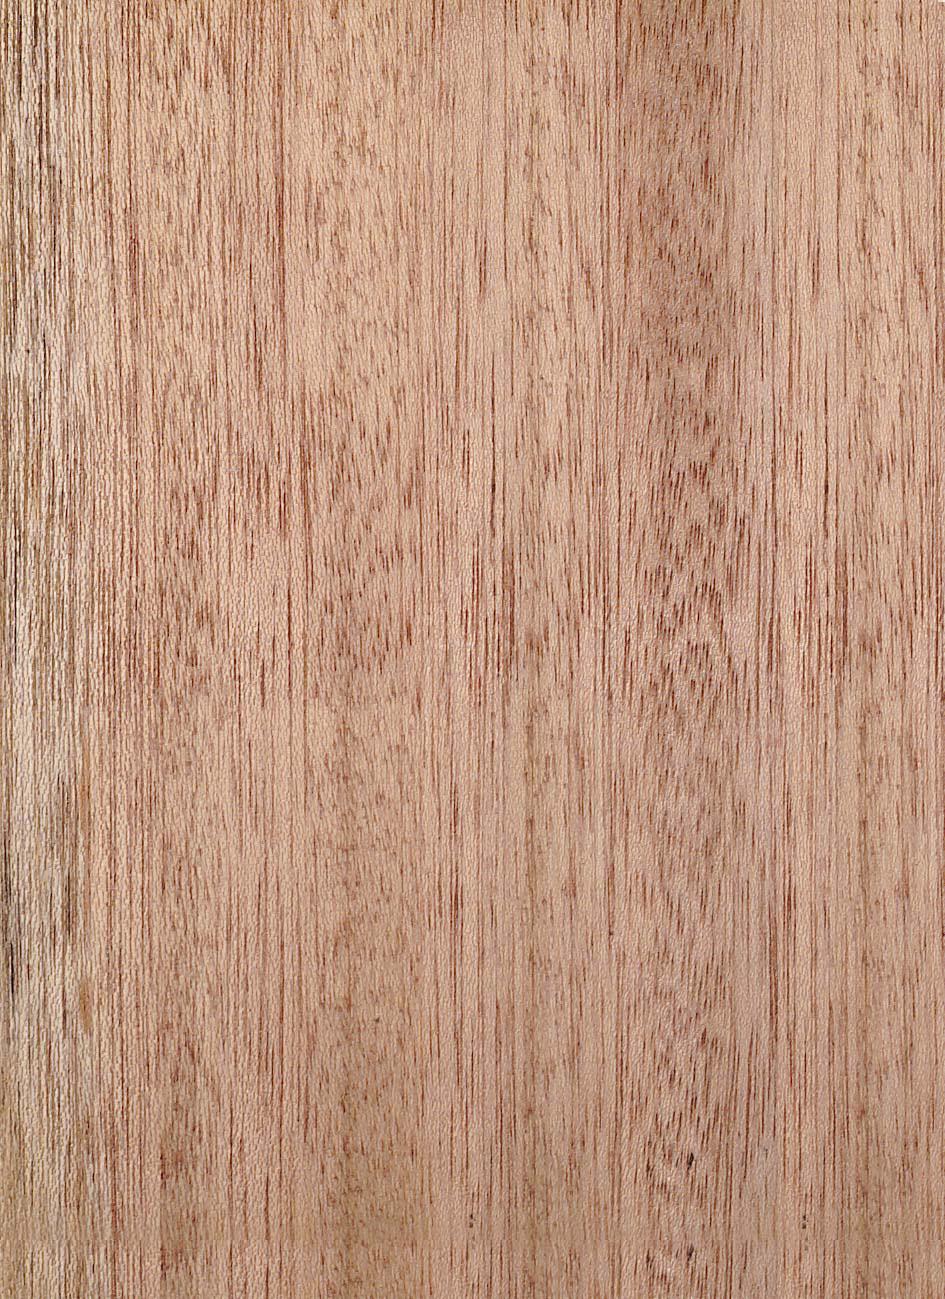 Meranti Rotes Merkmale Eigenschaften Holz Vom Fach